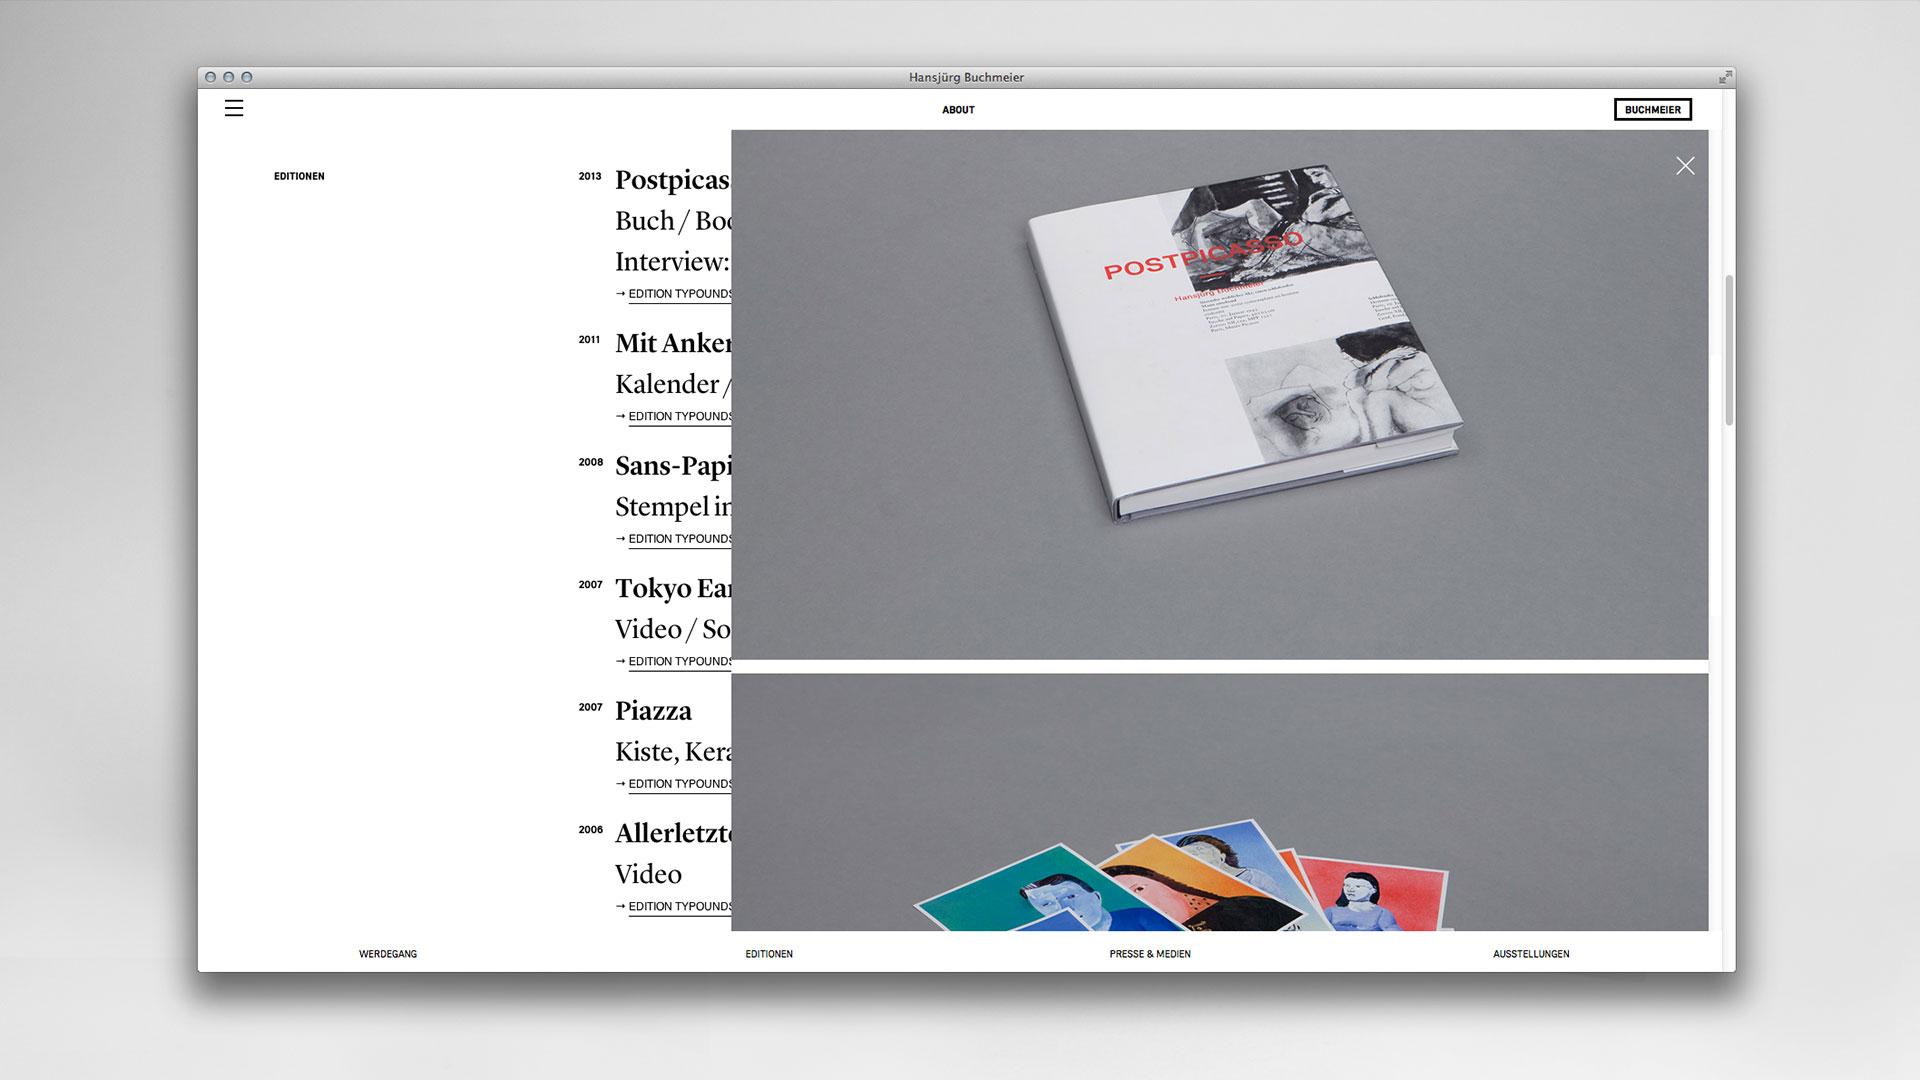 equipe-visuelle-grafik-werbung-luzern-emmenbruecke-web-design-hansjürg-buchmeier